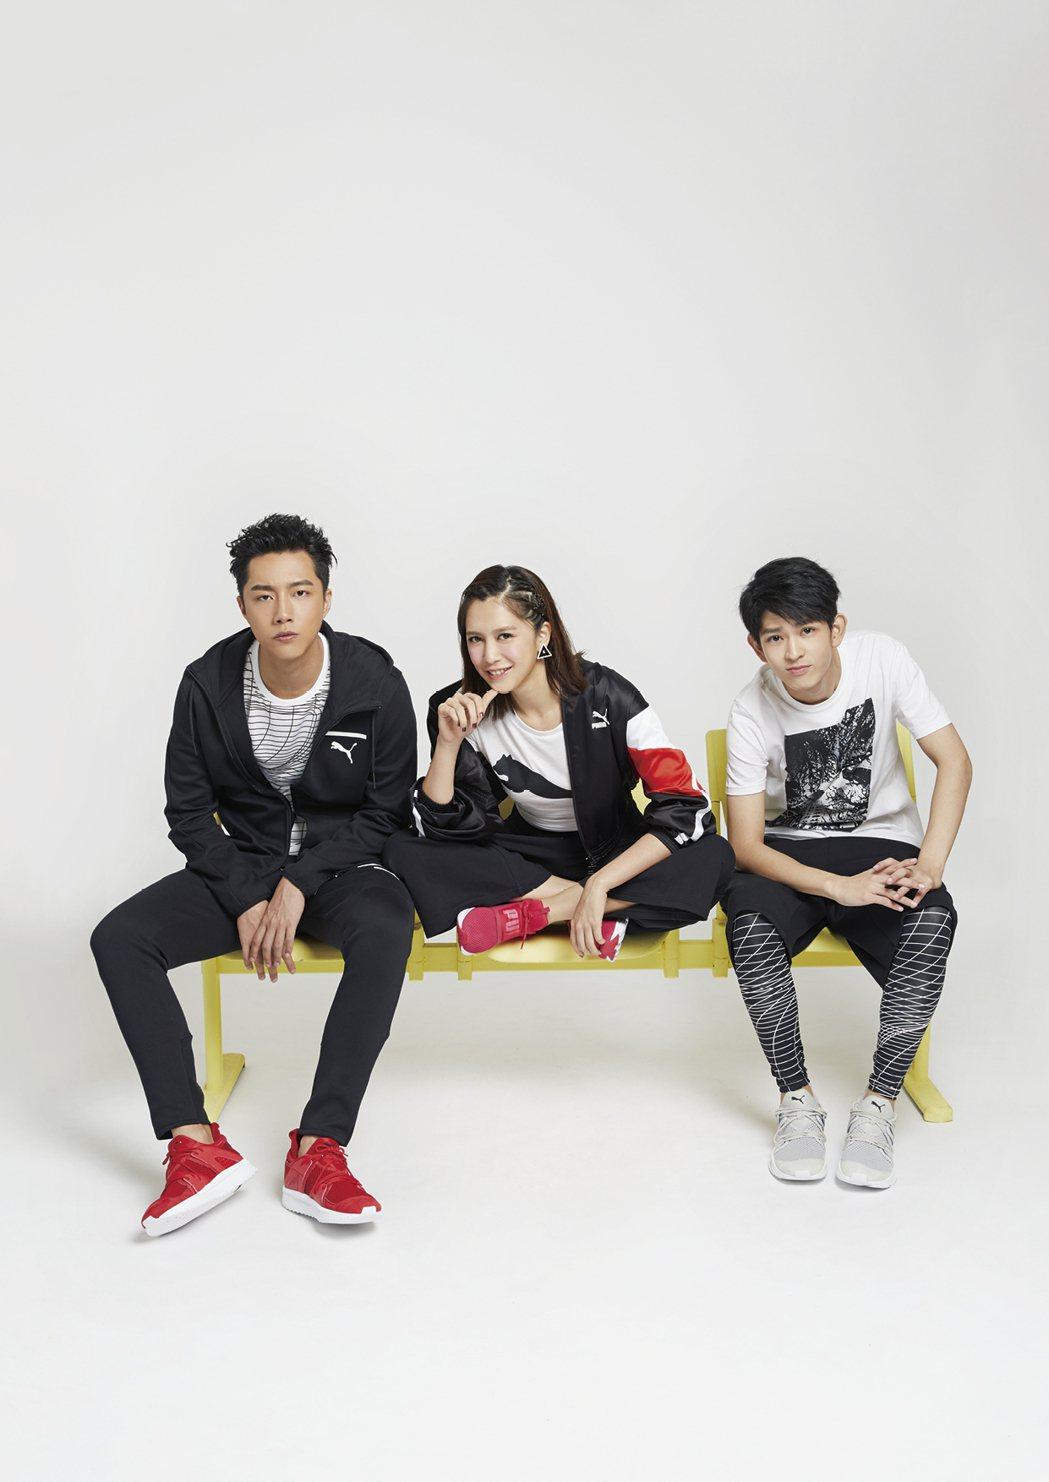 蔡凡熙(左起)、劉奕兒、鄧育凱擁有新世代活力。圖/《MILK潮流誌》提供